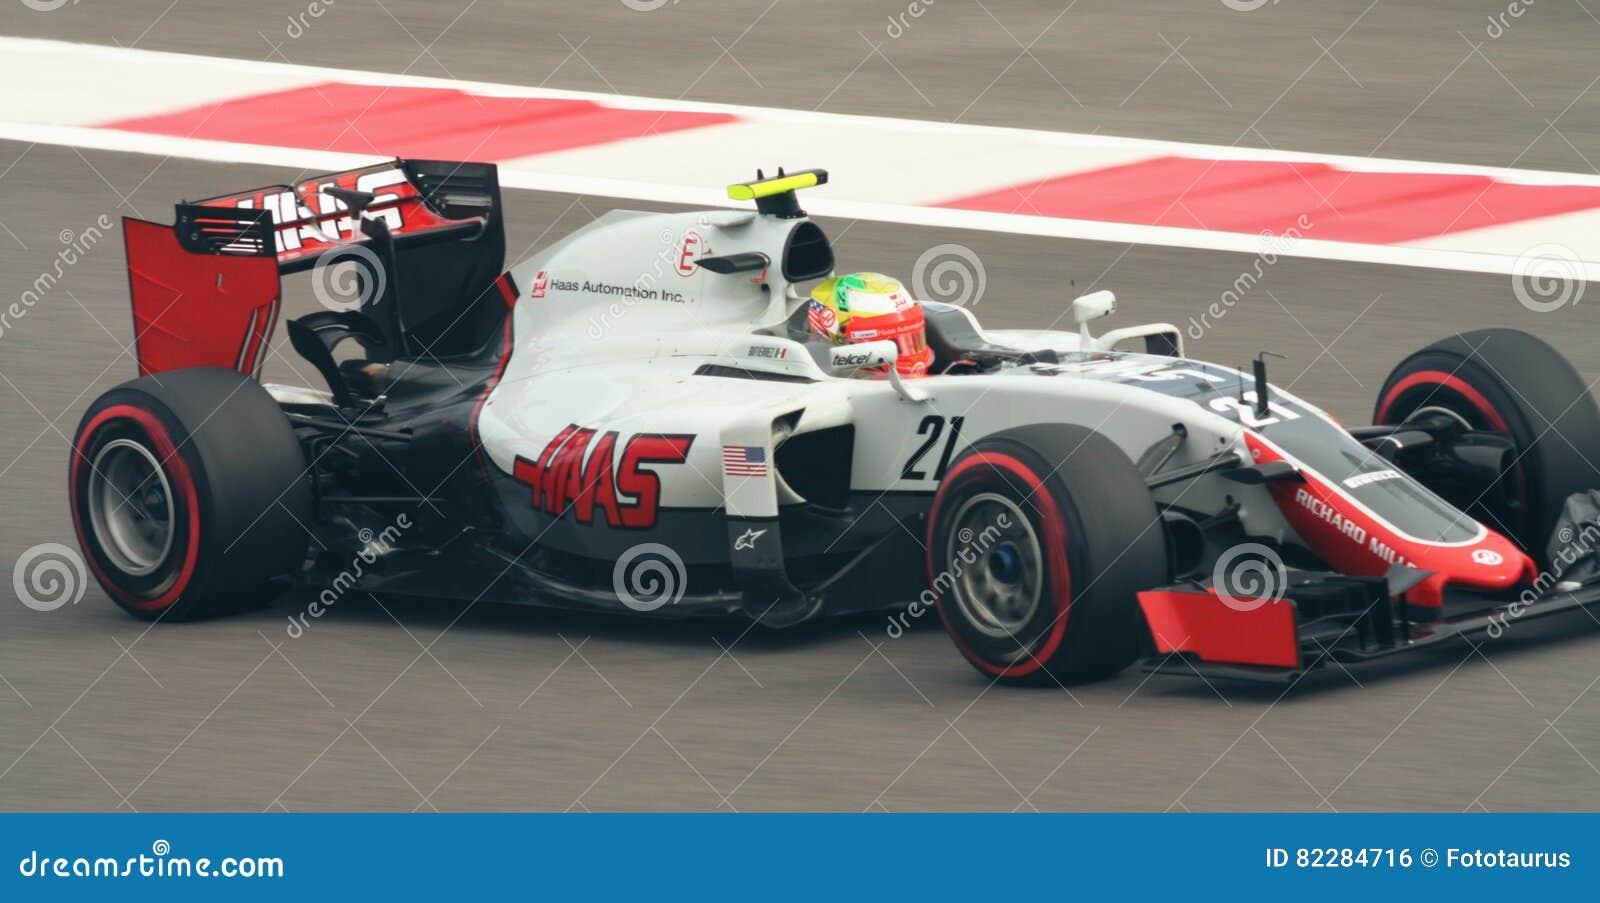 Haas Ferrari Vf 16 Grand Prix F1 2016 Editorial Photo Image Of Champion Adrenaline 82284716